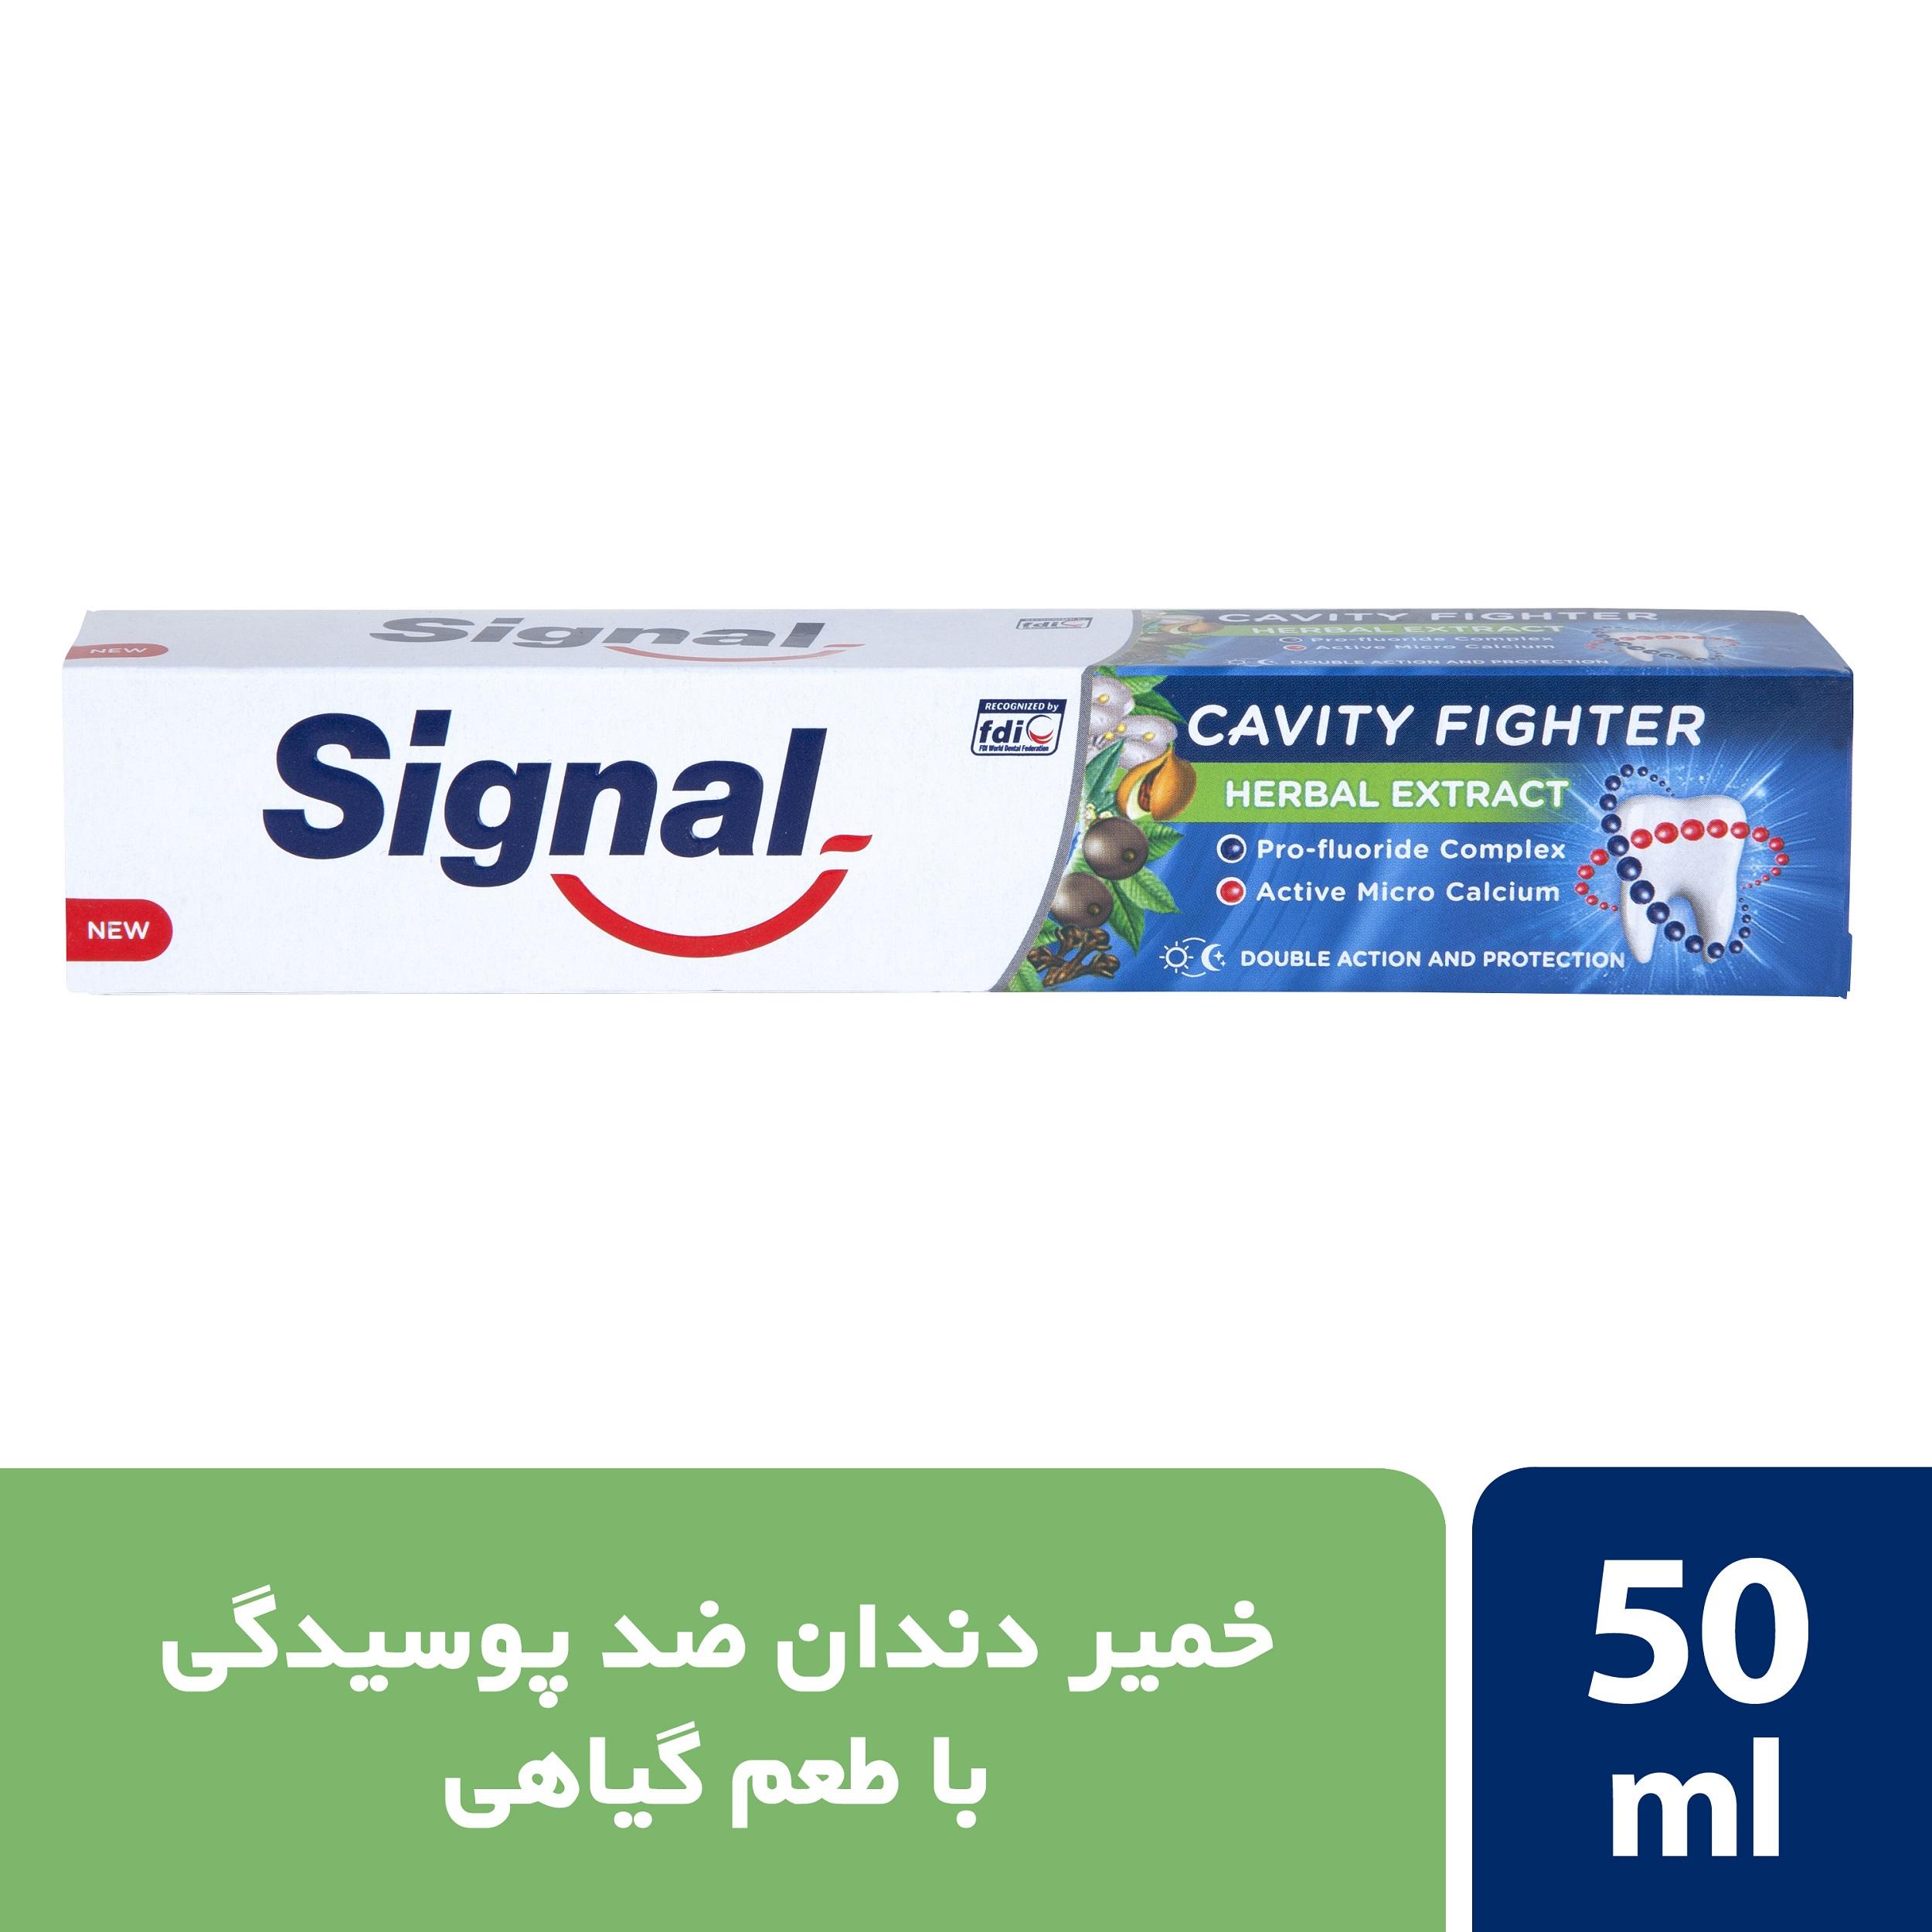 خمیر دندان ضد پوسیدگی سیگنال مدل Herbal حجم 50 میلی لیتر